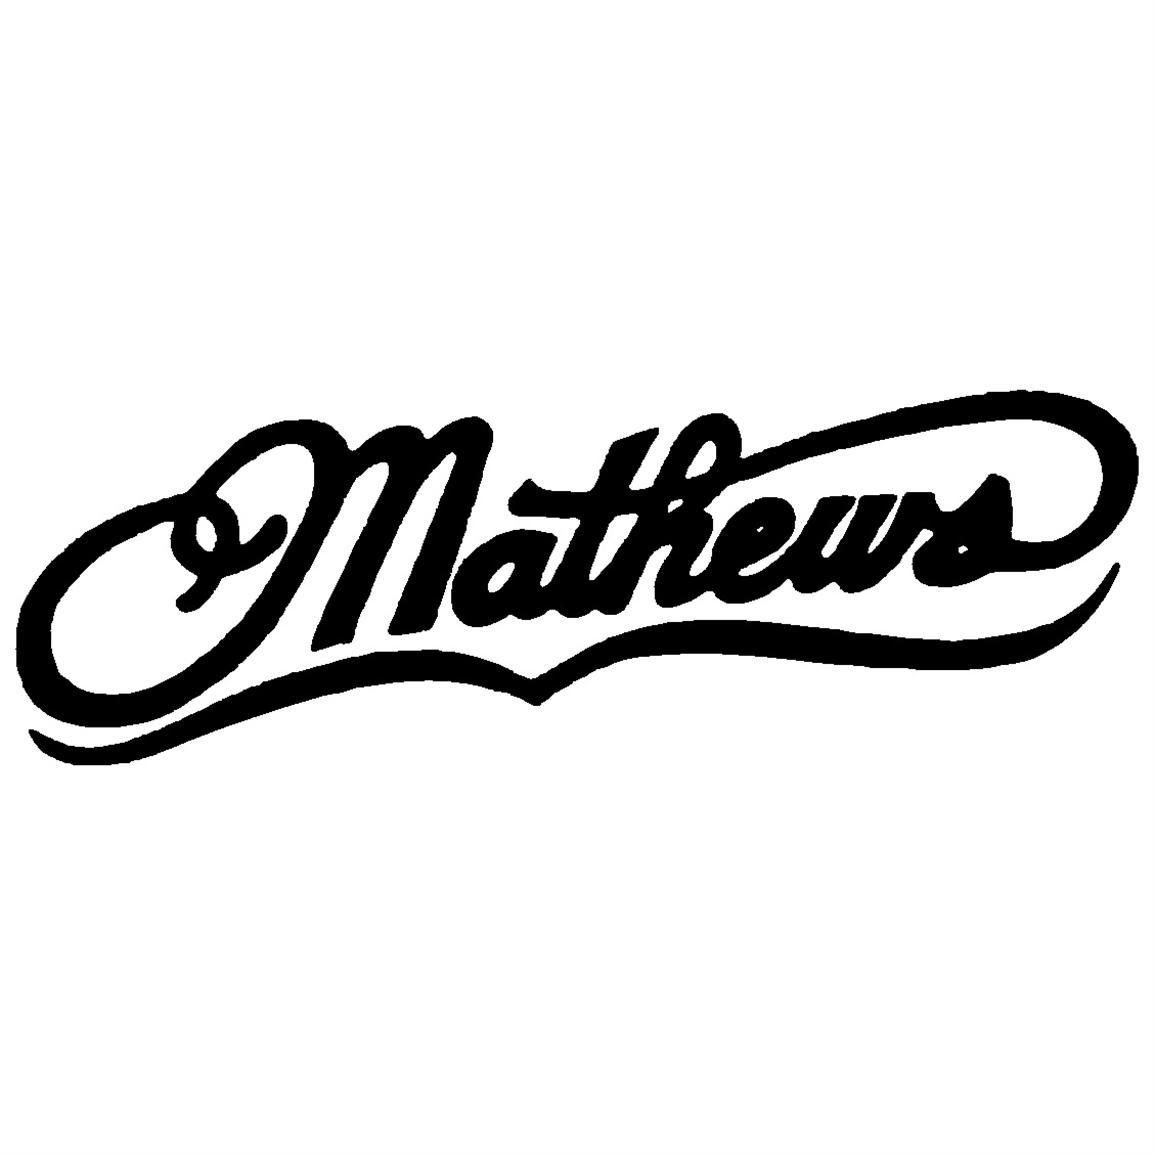 Mathews Logos